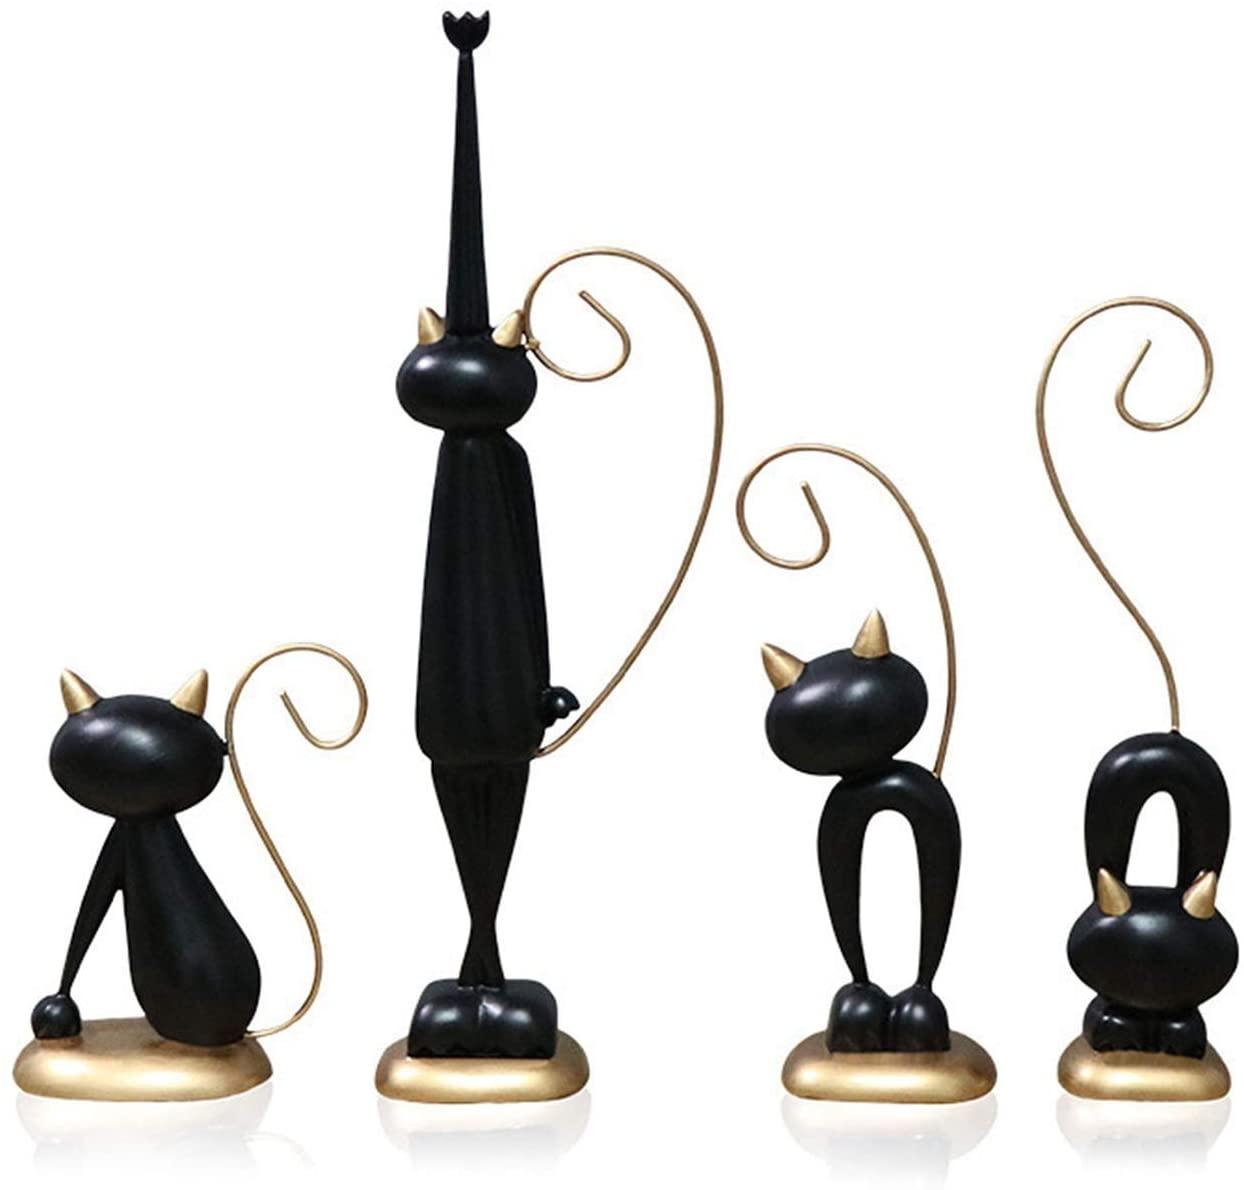 KOIYPW 손으로 새겨진 고양이 동상이 모델 옥외 | 실내 고양이 조각 추상적이고 흥미로운 고양이 동상을 주거 장식 디자인을 고양이 설정(색상:고양이의 설정)